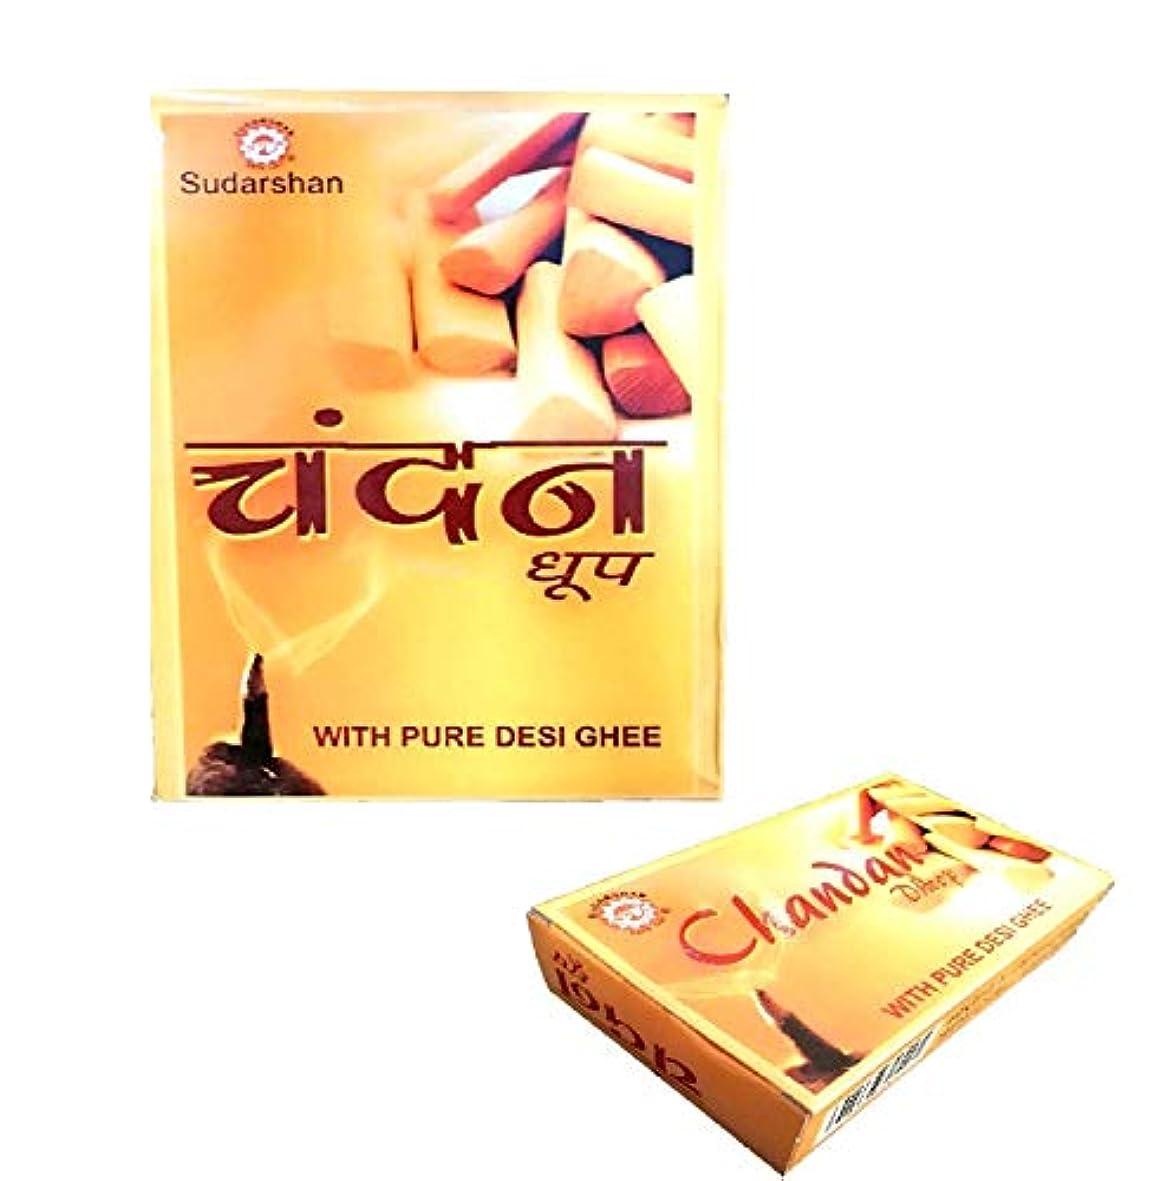 平らにする反逆者ベアリングサークルTotal Home :Sudarshan Chandan Puja Dhoop Cone Fragrance for Positivity & Freshness Fragrance Dhoop Batti Cone(Pack of 24) Box 2